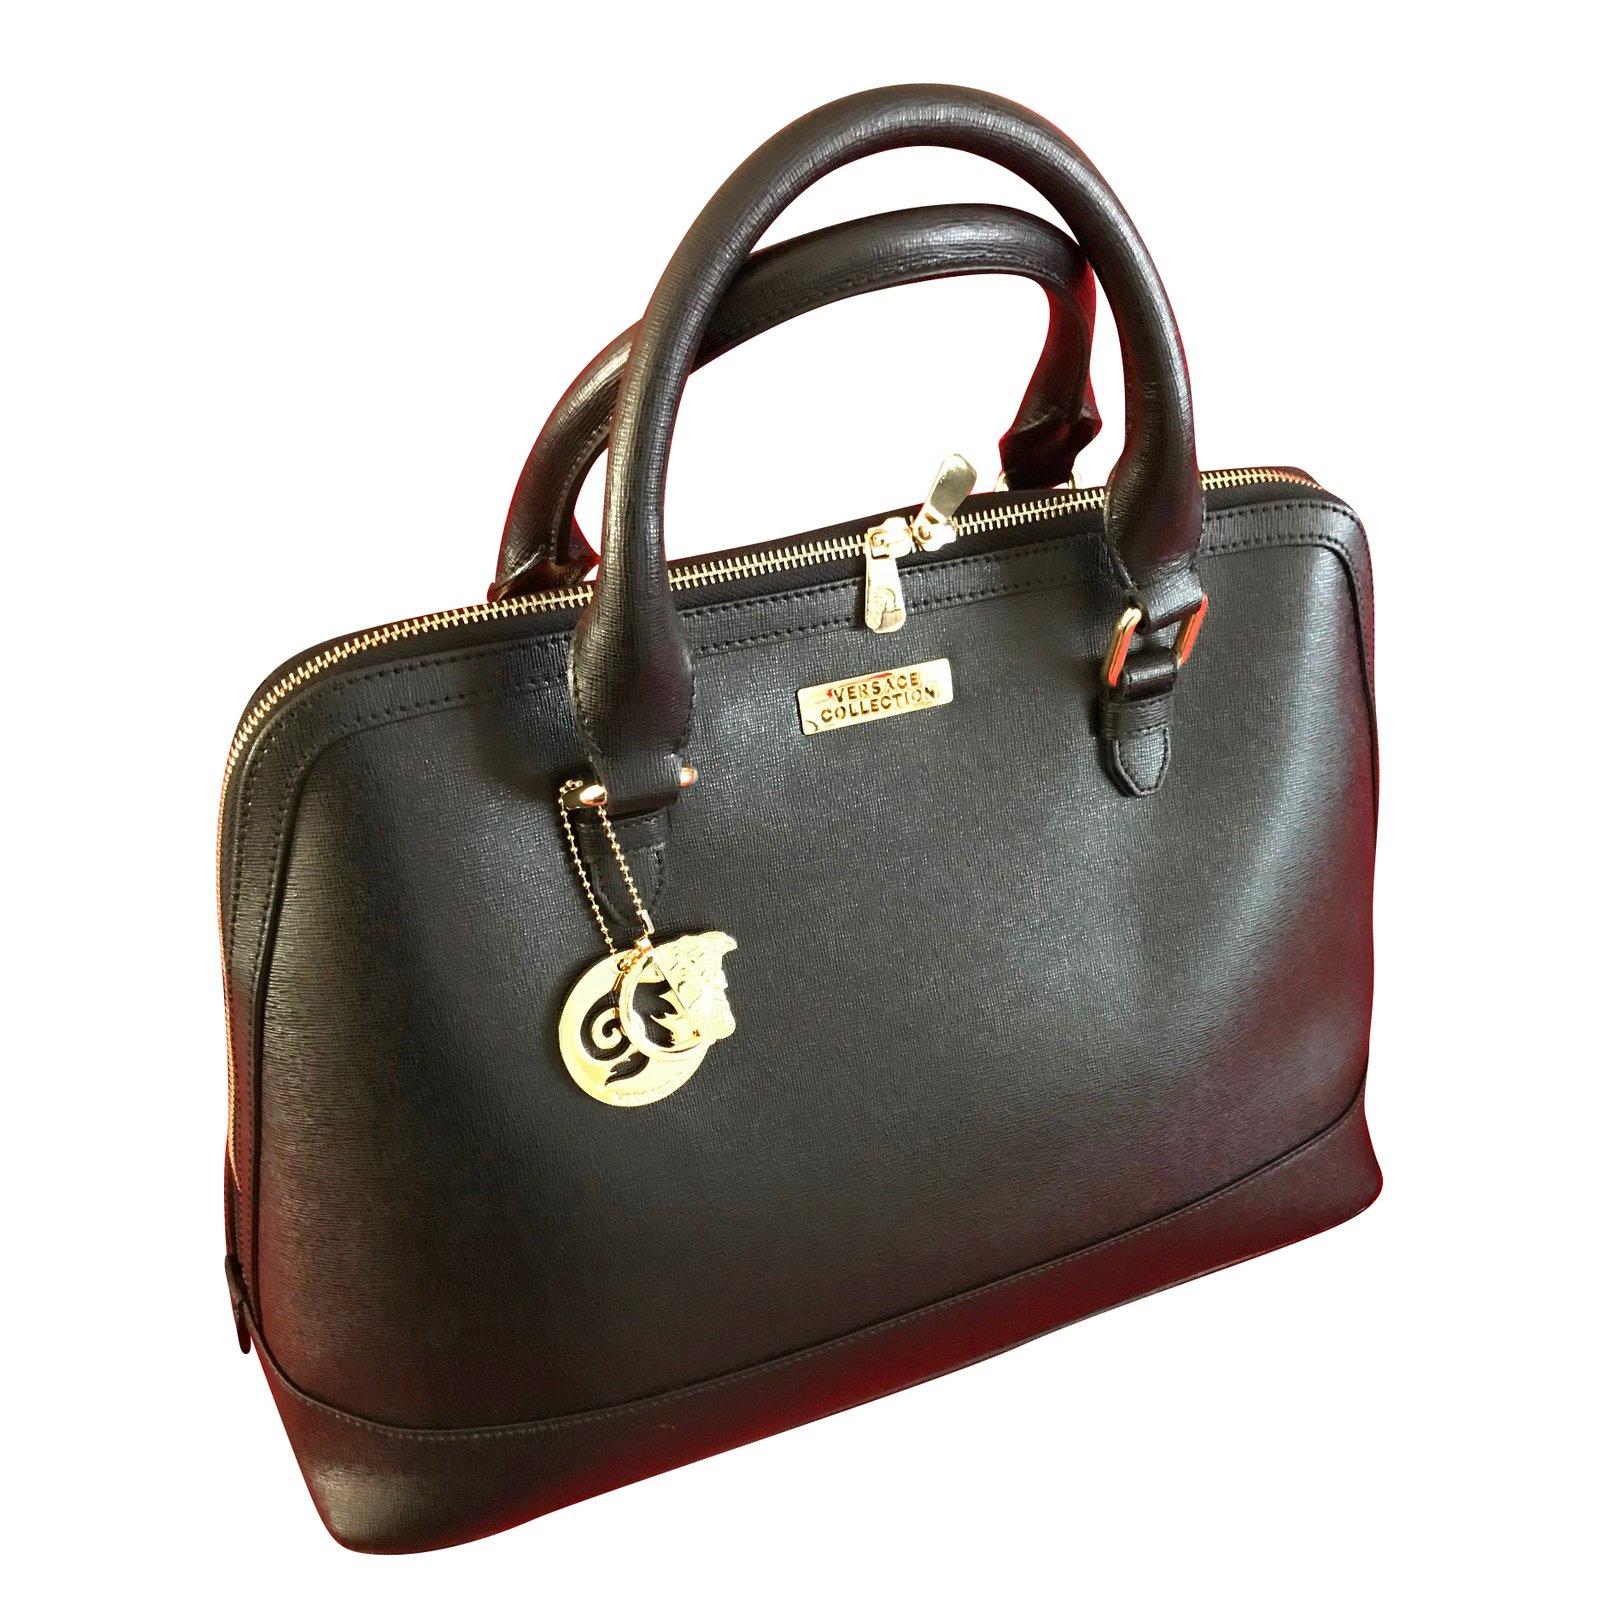 Versace Collection Vitello Stampa Saffiano Nero Oro Chiaro Large Handbags Leather Black Ref